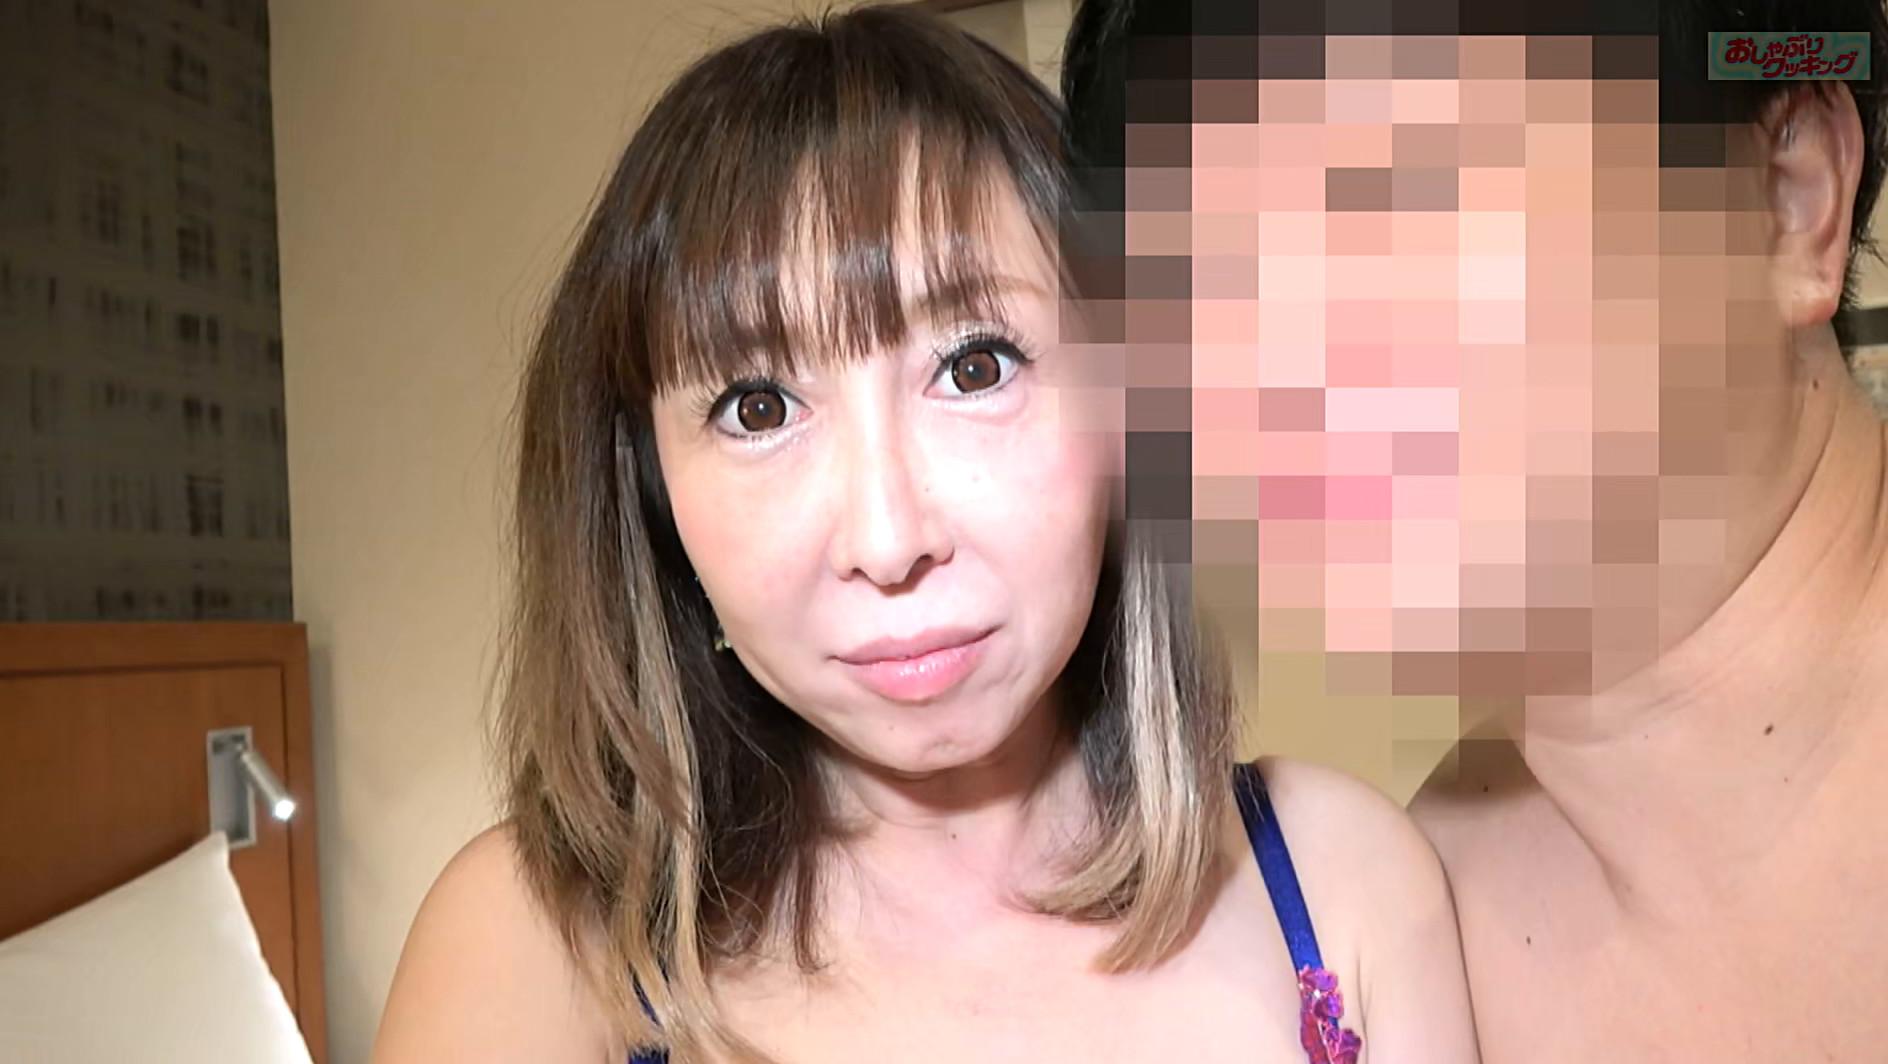 50オーバーには見えないエッチで可愛いギャル系熟女 さや 51歳 画像1